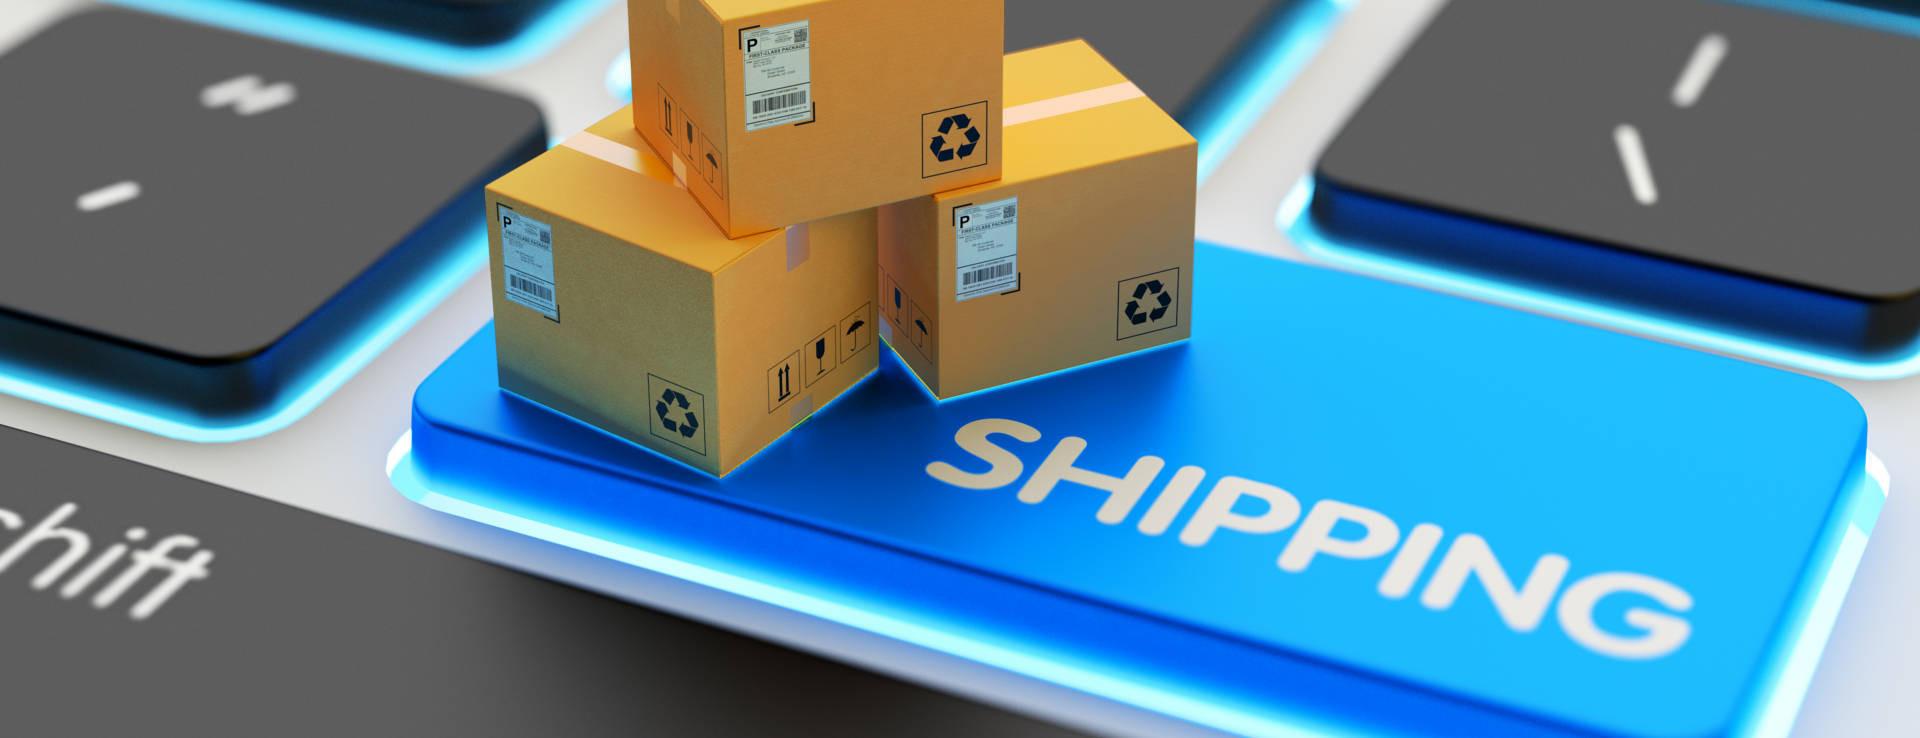 Shipping your Refurbished Mac Laptop or Desktop